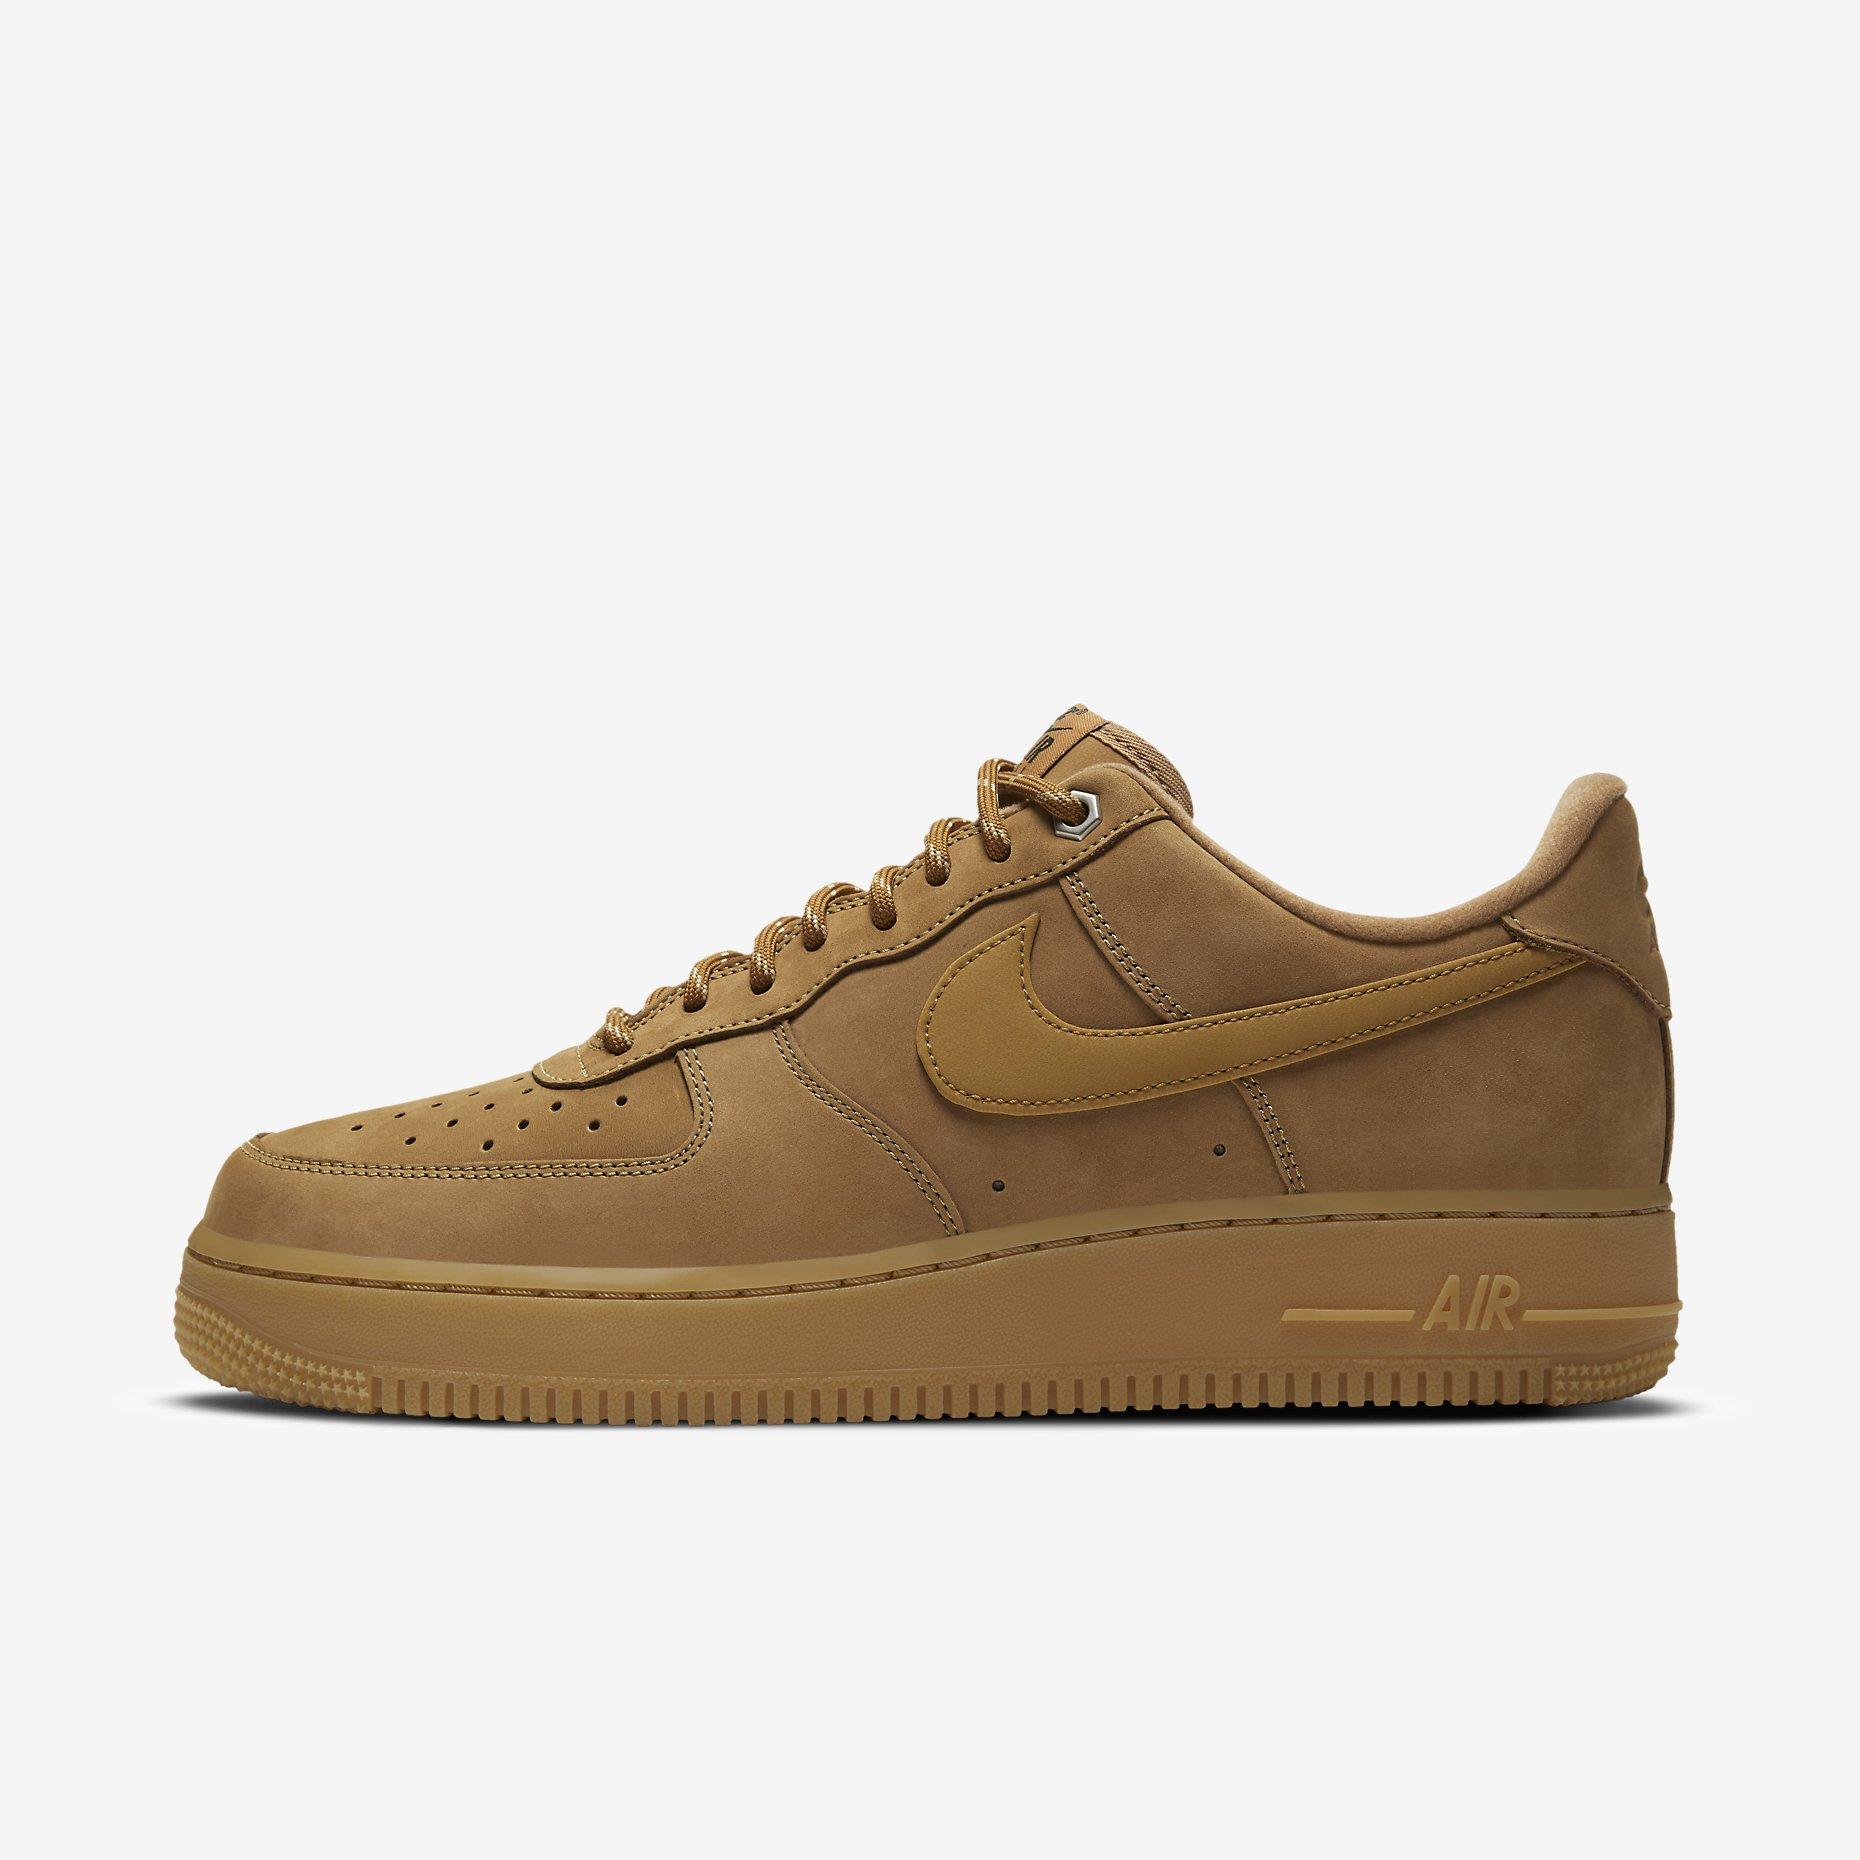 Nike Air Force 1 '07 WB 'Flax Wheat'